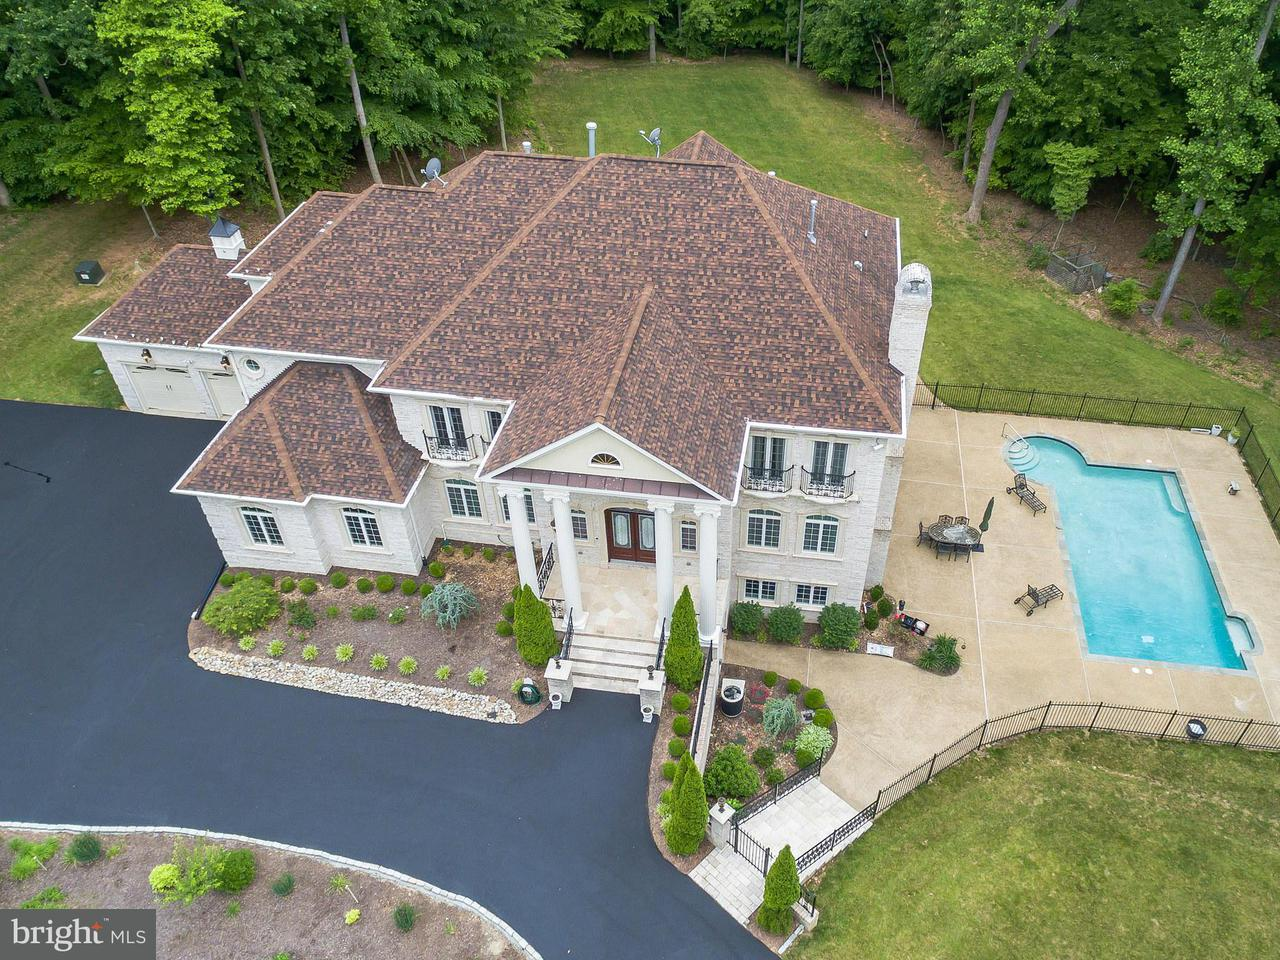 獨棟家庭住宅 為 出售 在 13200 SPRINGDALE ESTATES Road 13200 SPRINGDALE ESTATES Road Clifton, 弗吉尼亞州 20124 美國